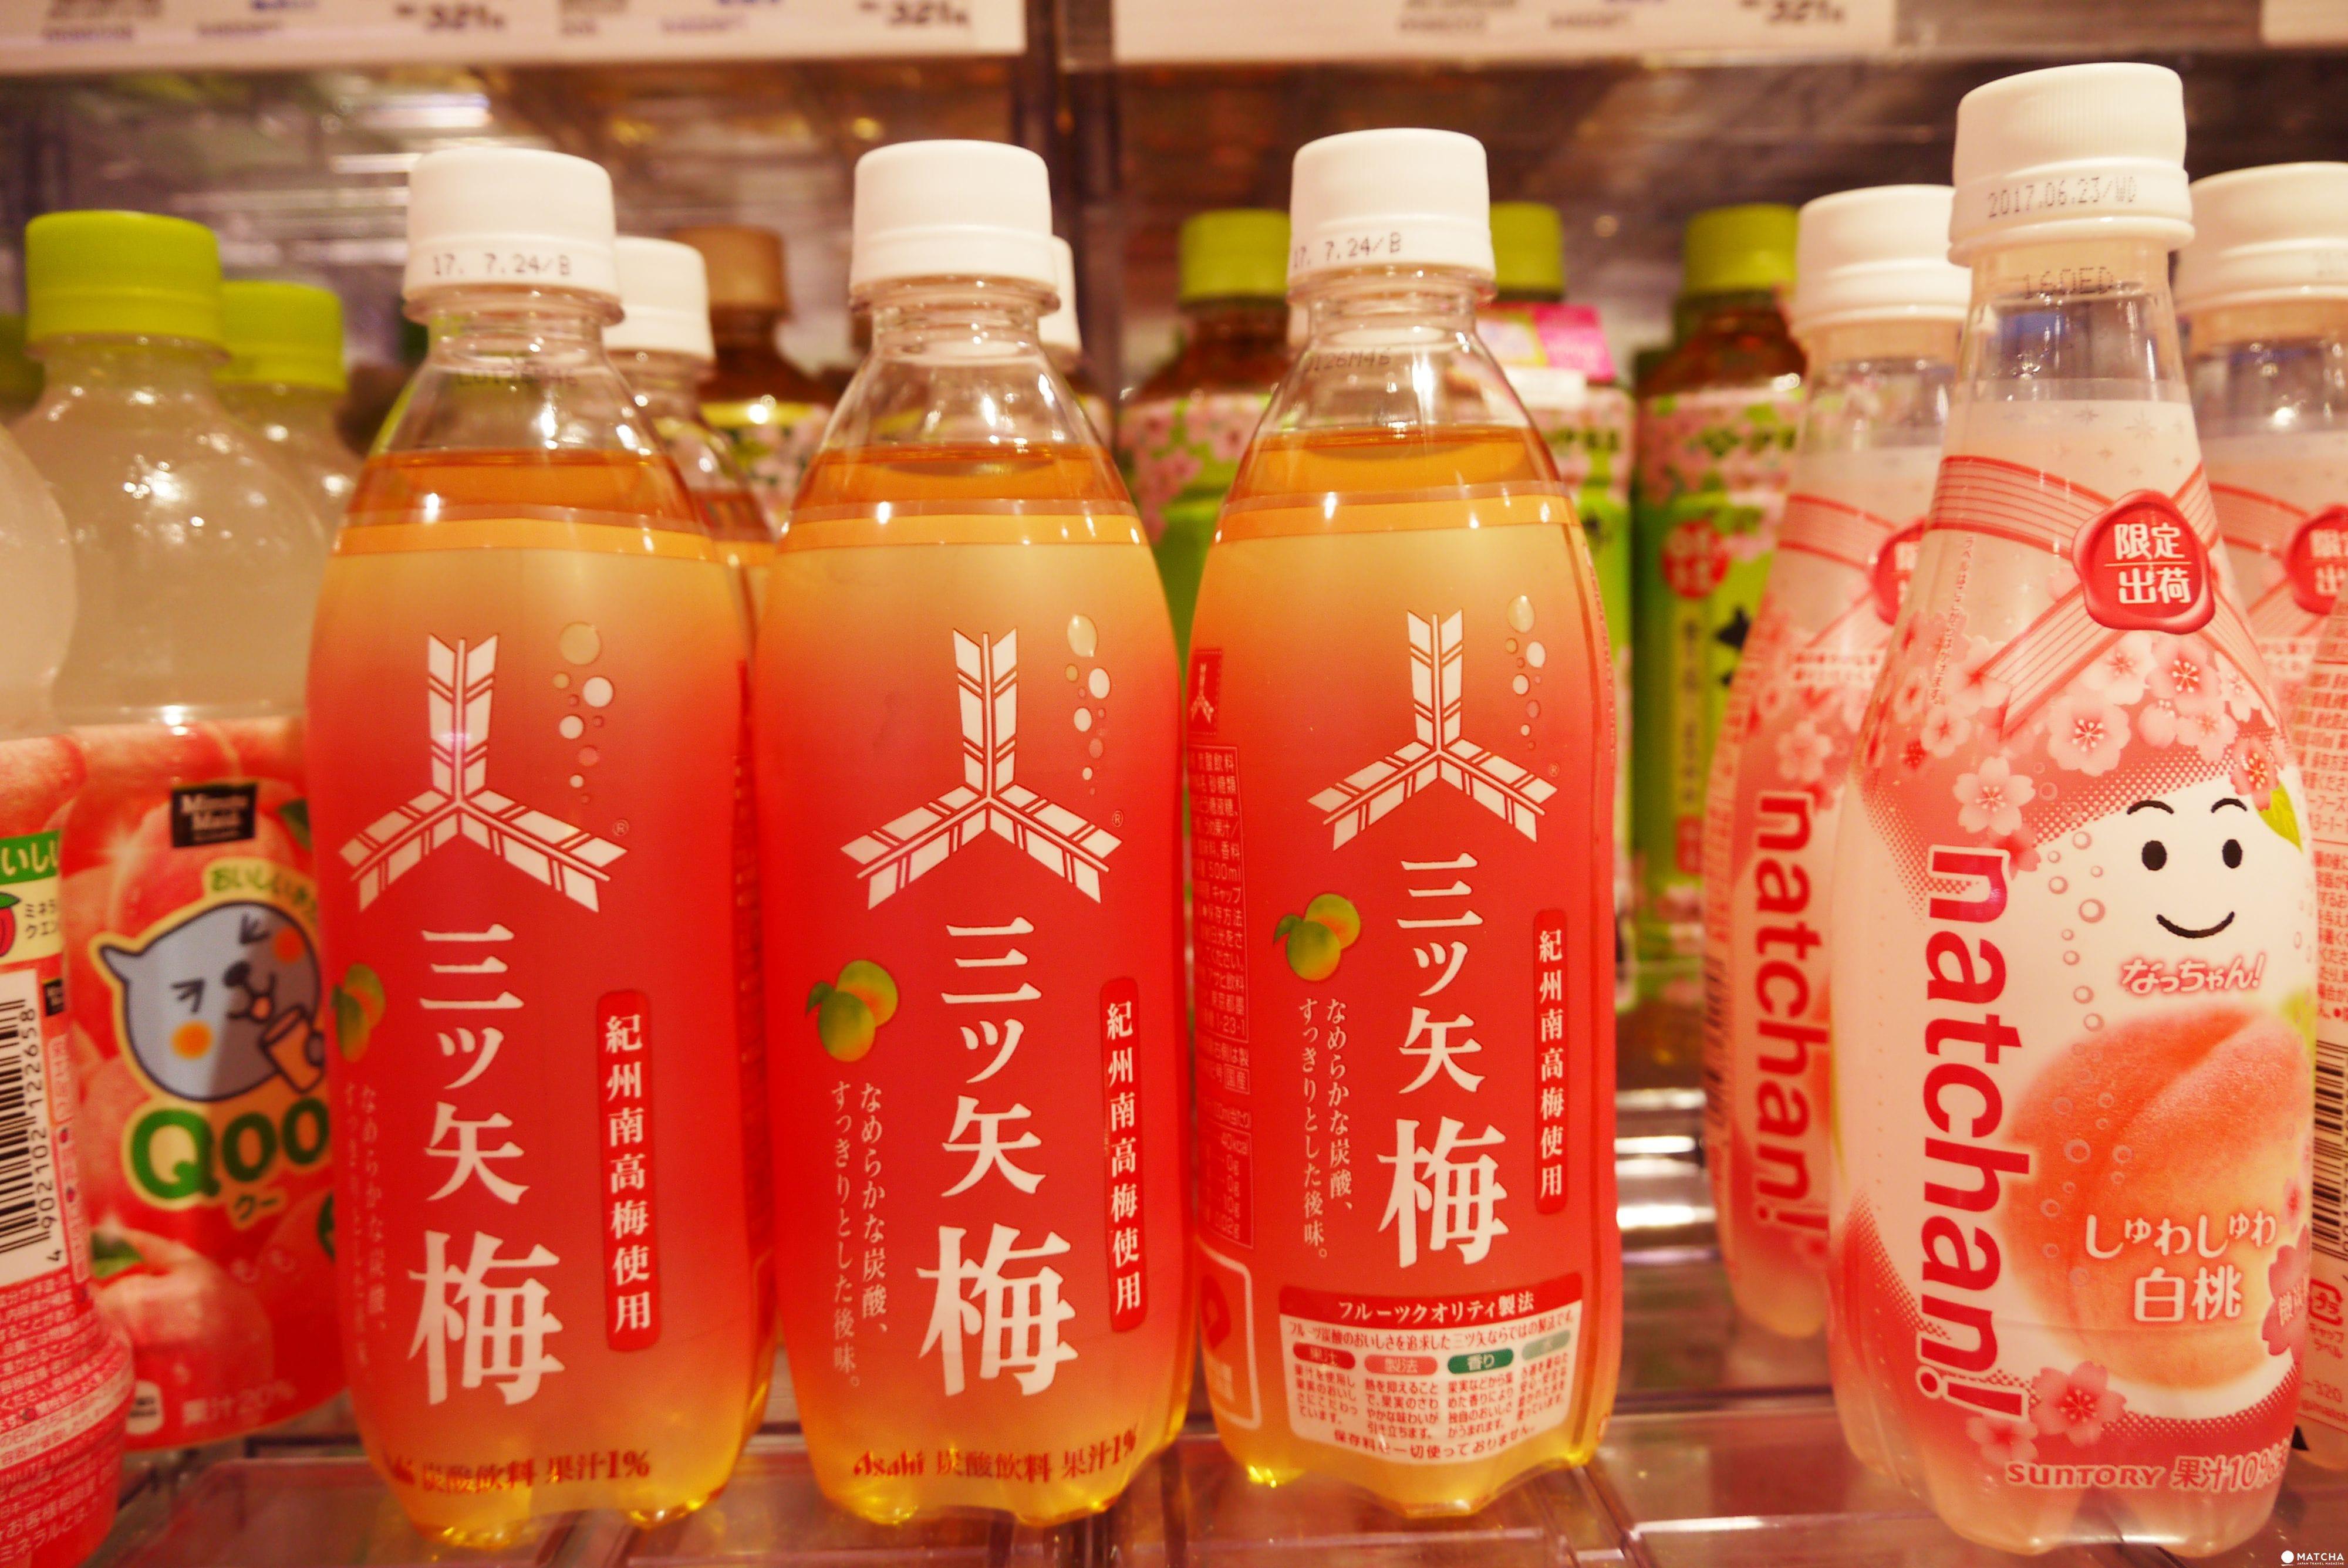 日本超市裡春色粉嫩的桃梅限定商品